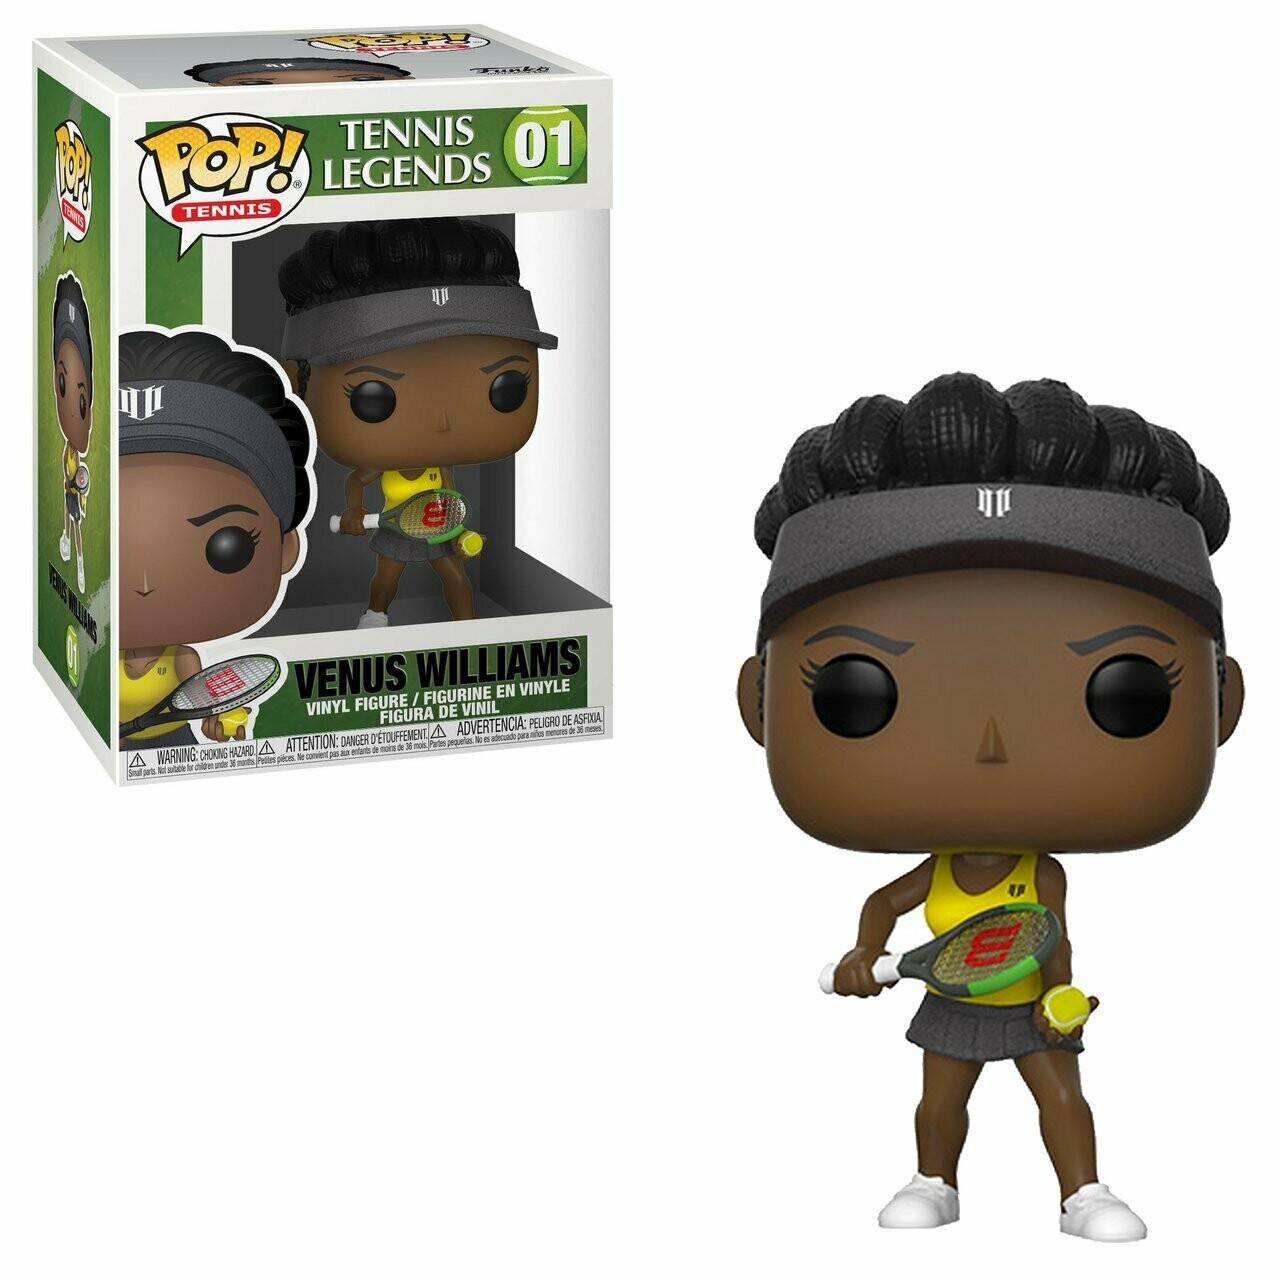 Funko Venus Williams 01